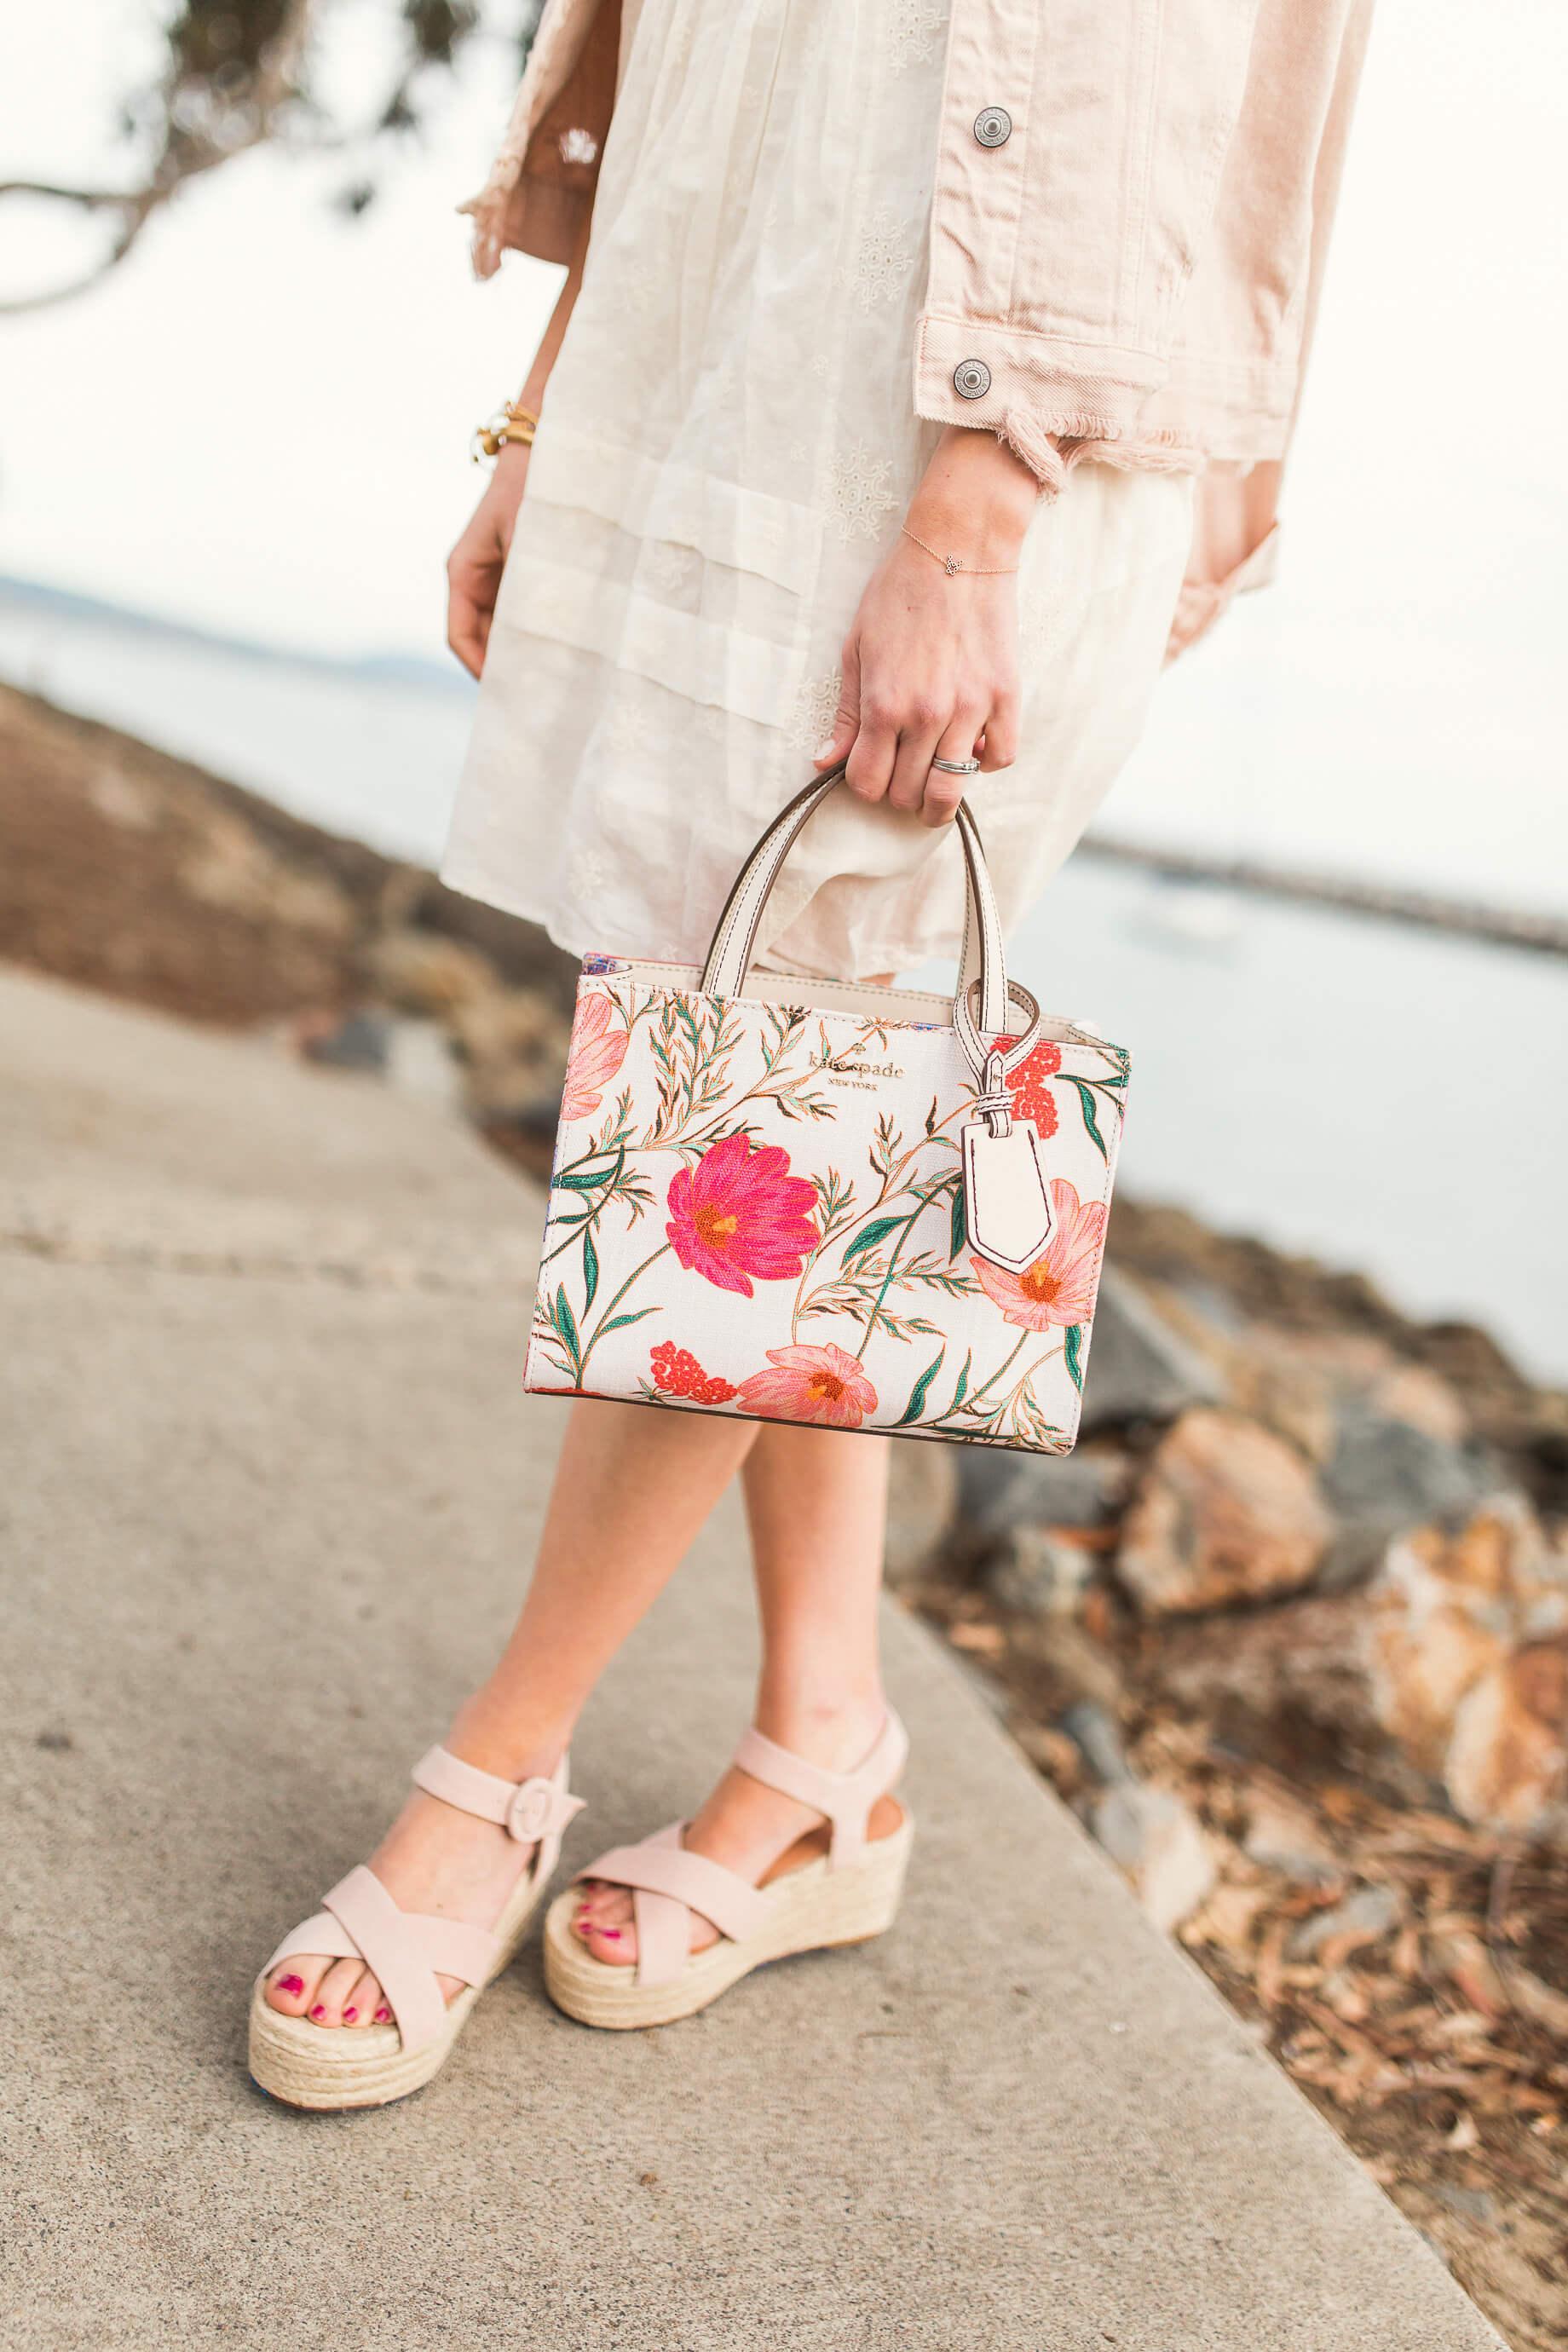 loving the pink floral bag for spring